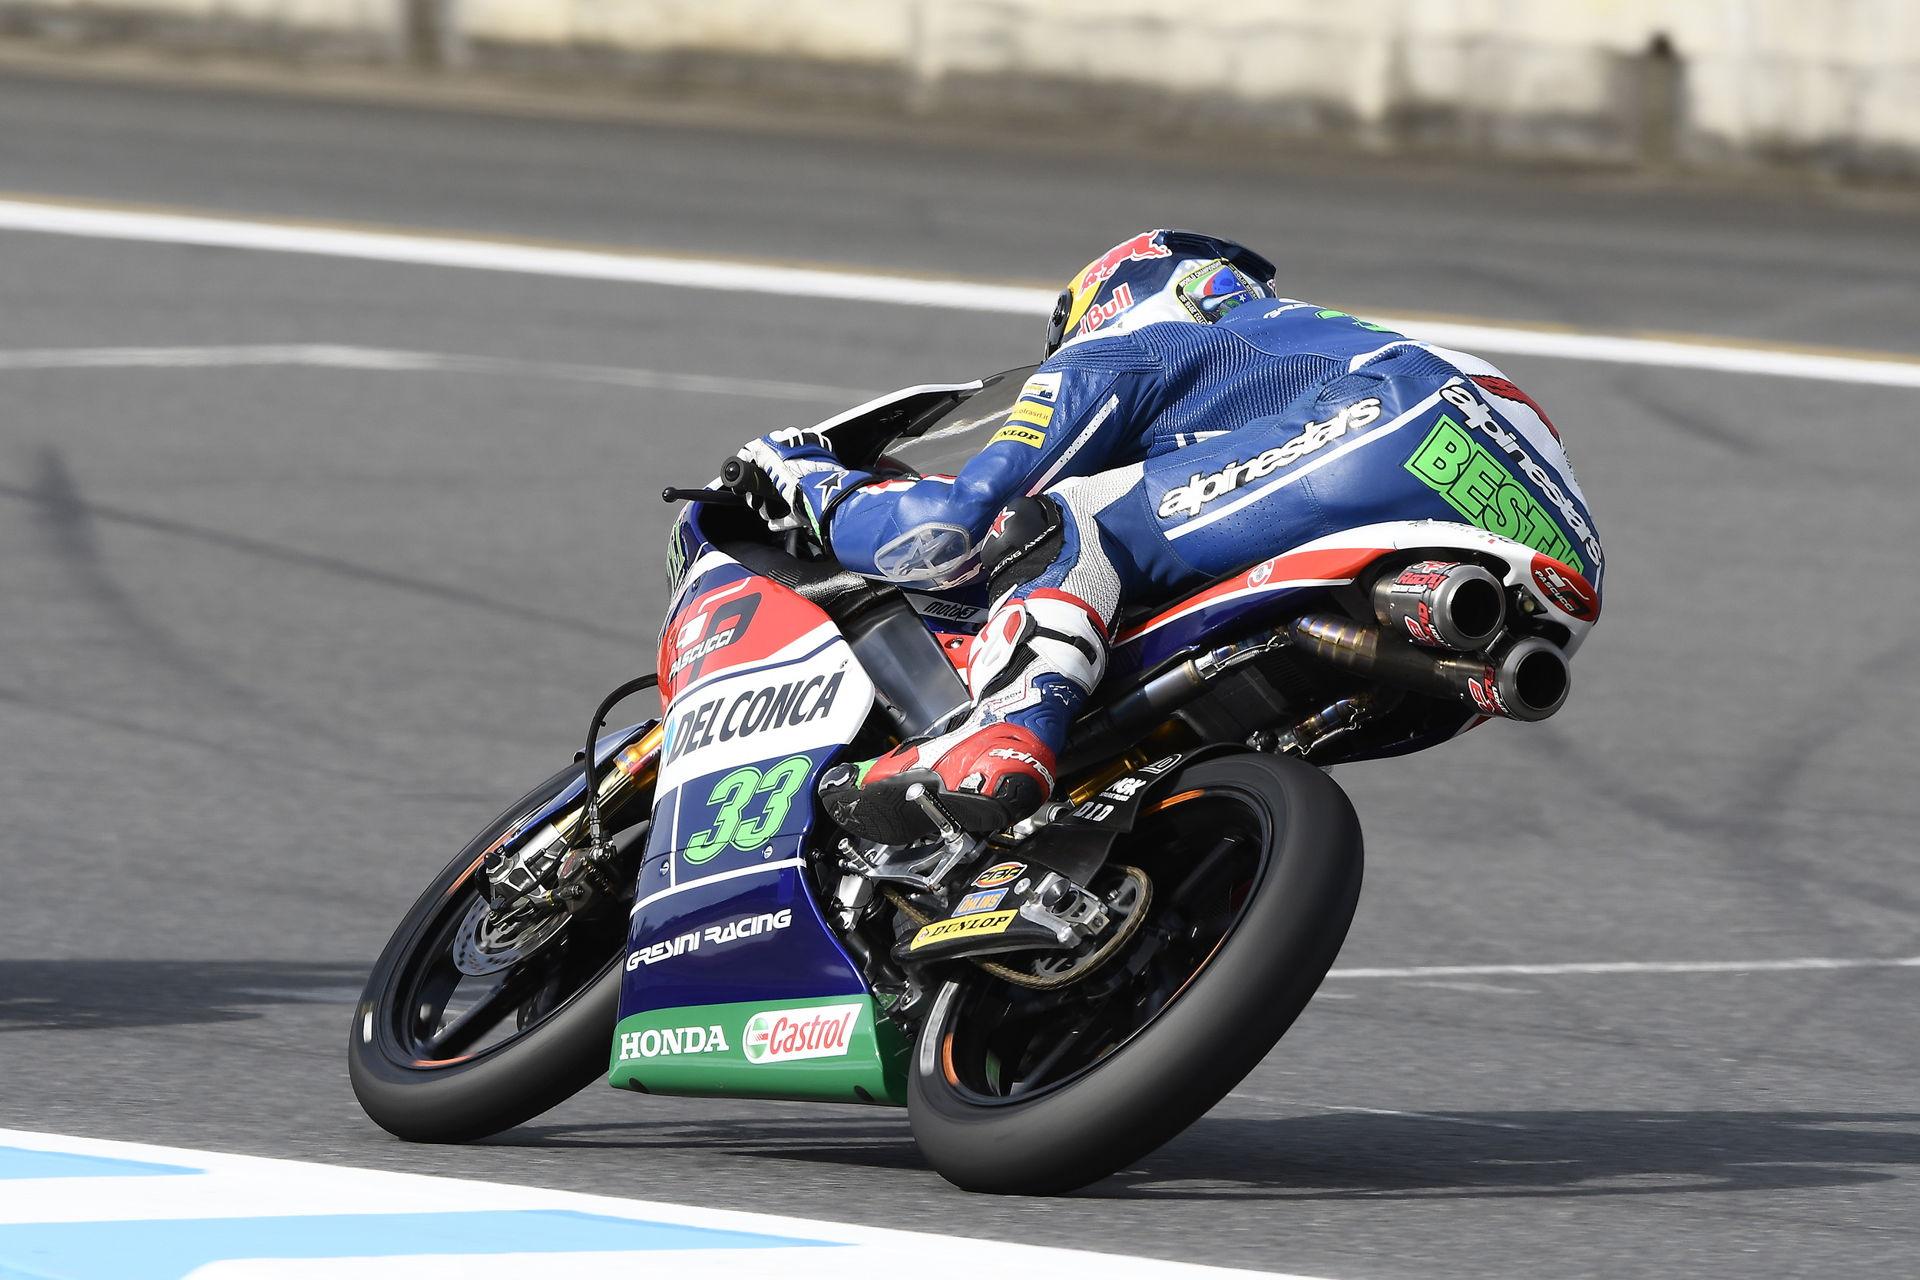 Foto: © Gresini Racing